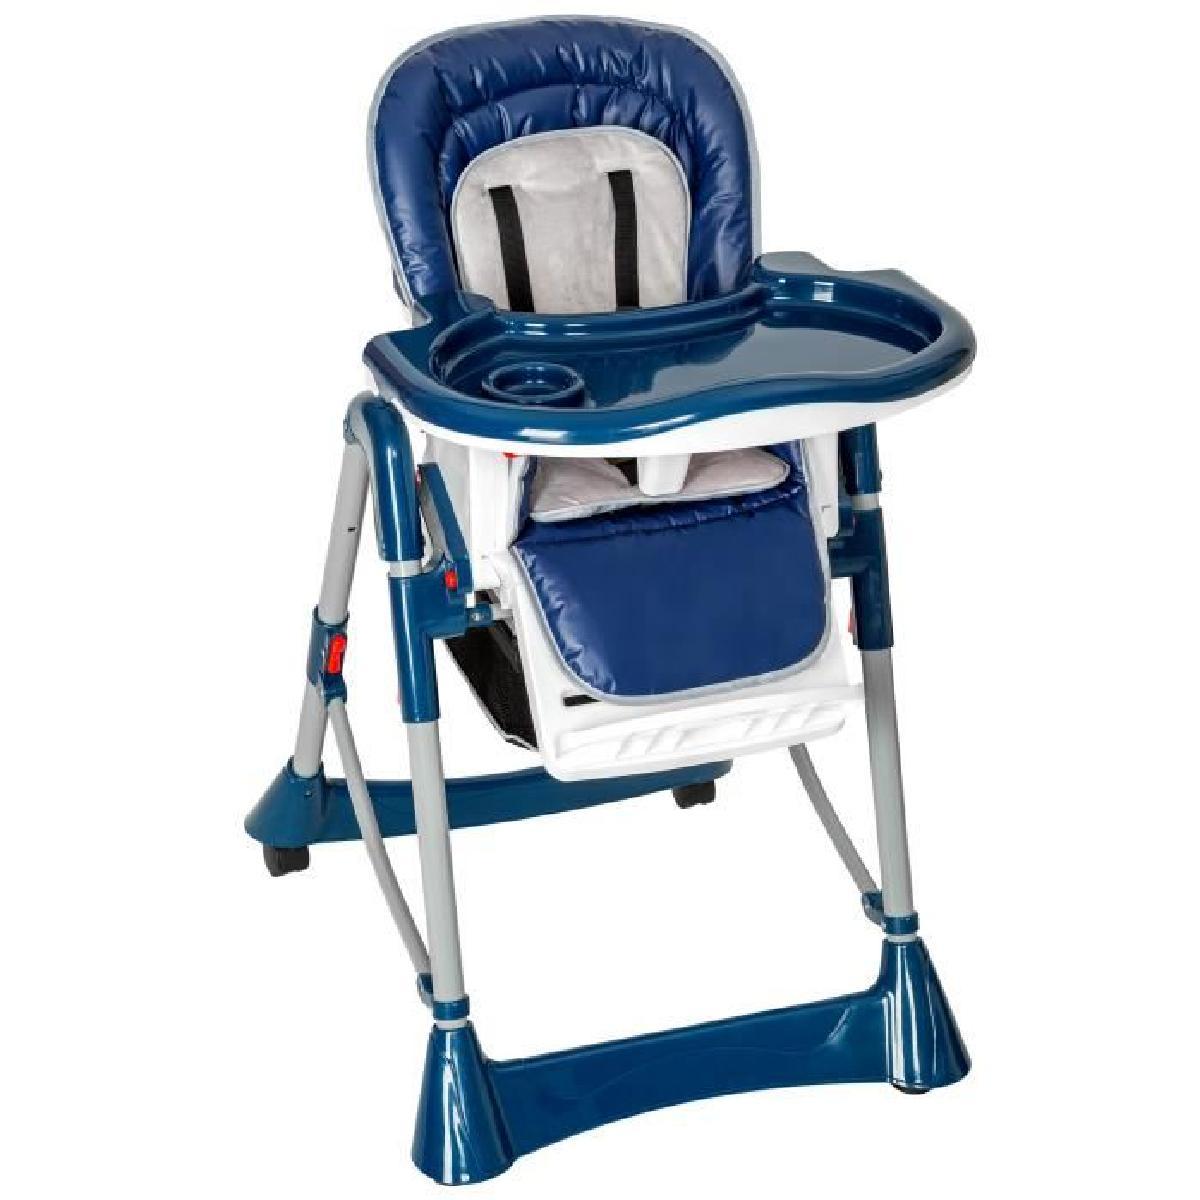 Chaise haute en solde pi ti li for Chaise haute en solde